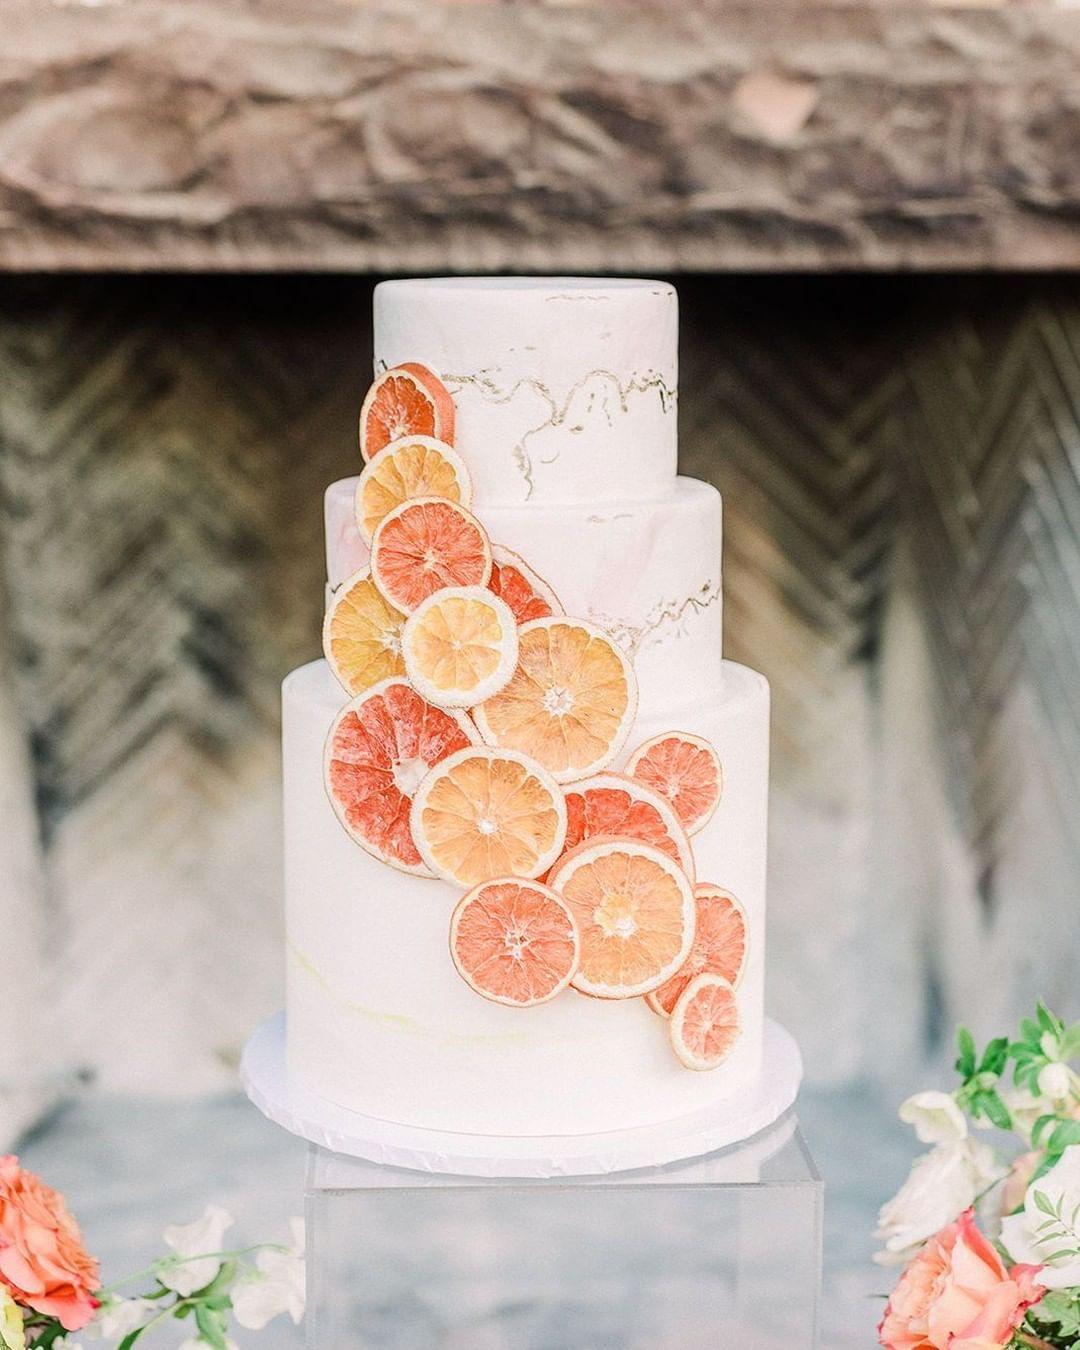 Citrus summer inspired wedding cake at las vegas wedding